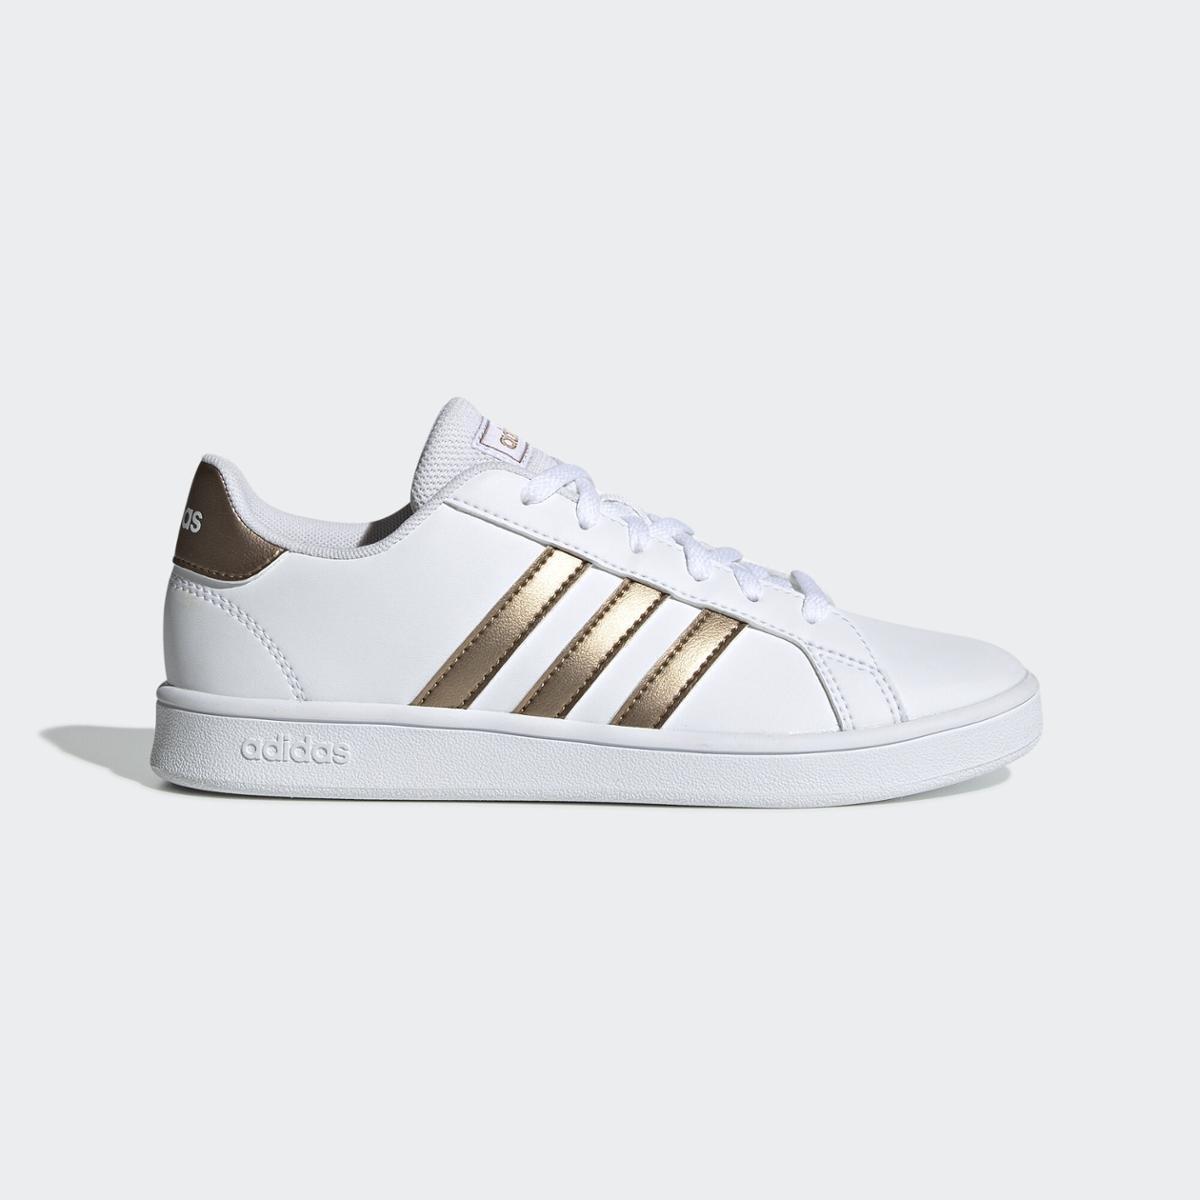 Tênis Adidas Grand Court K - Branco e dourado